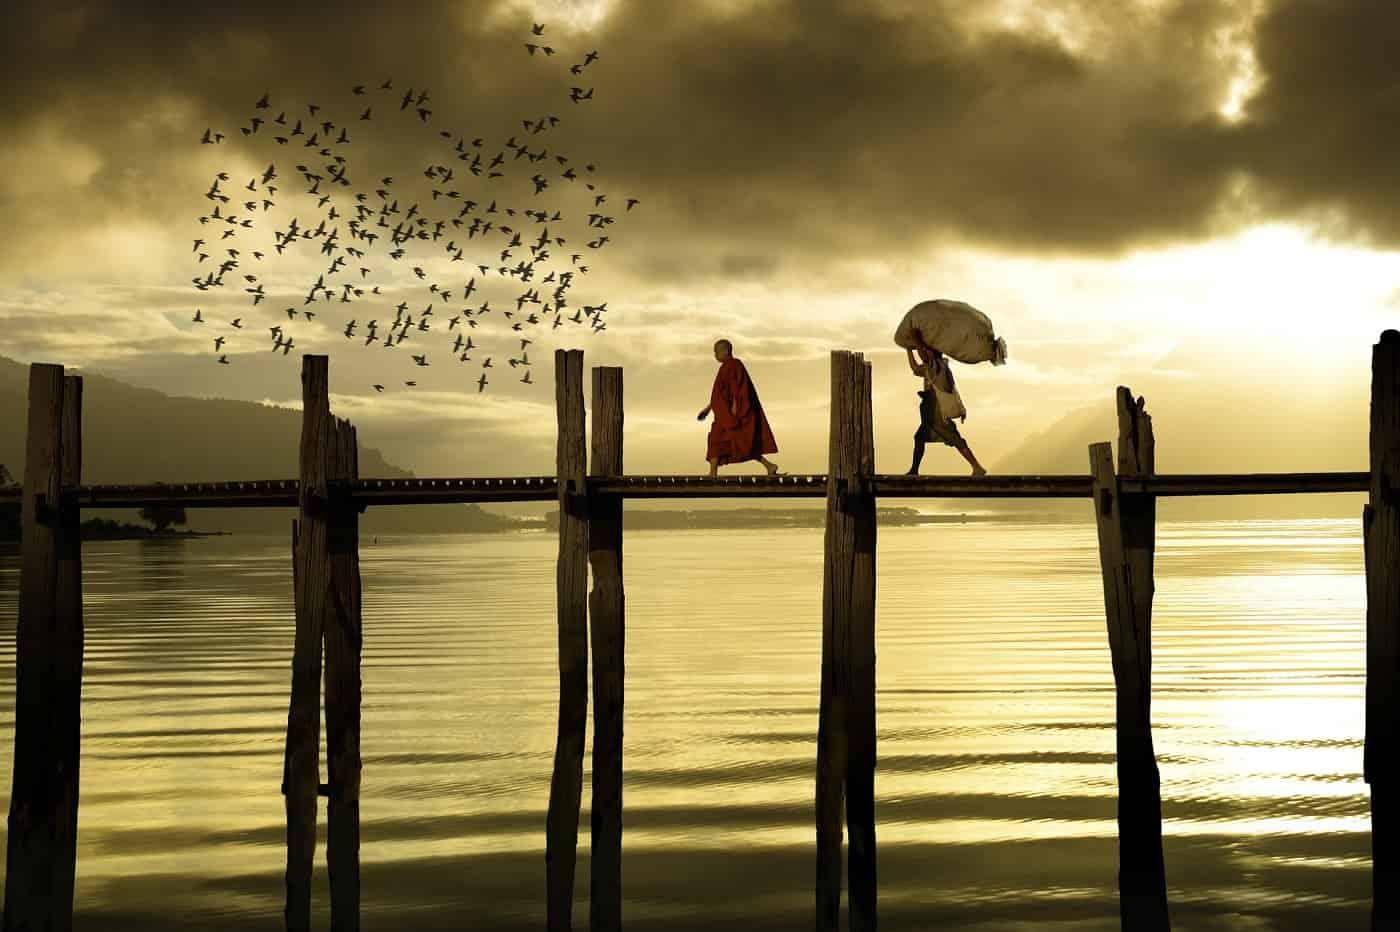 Monk and layman walking across bridge